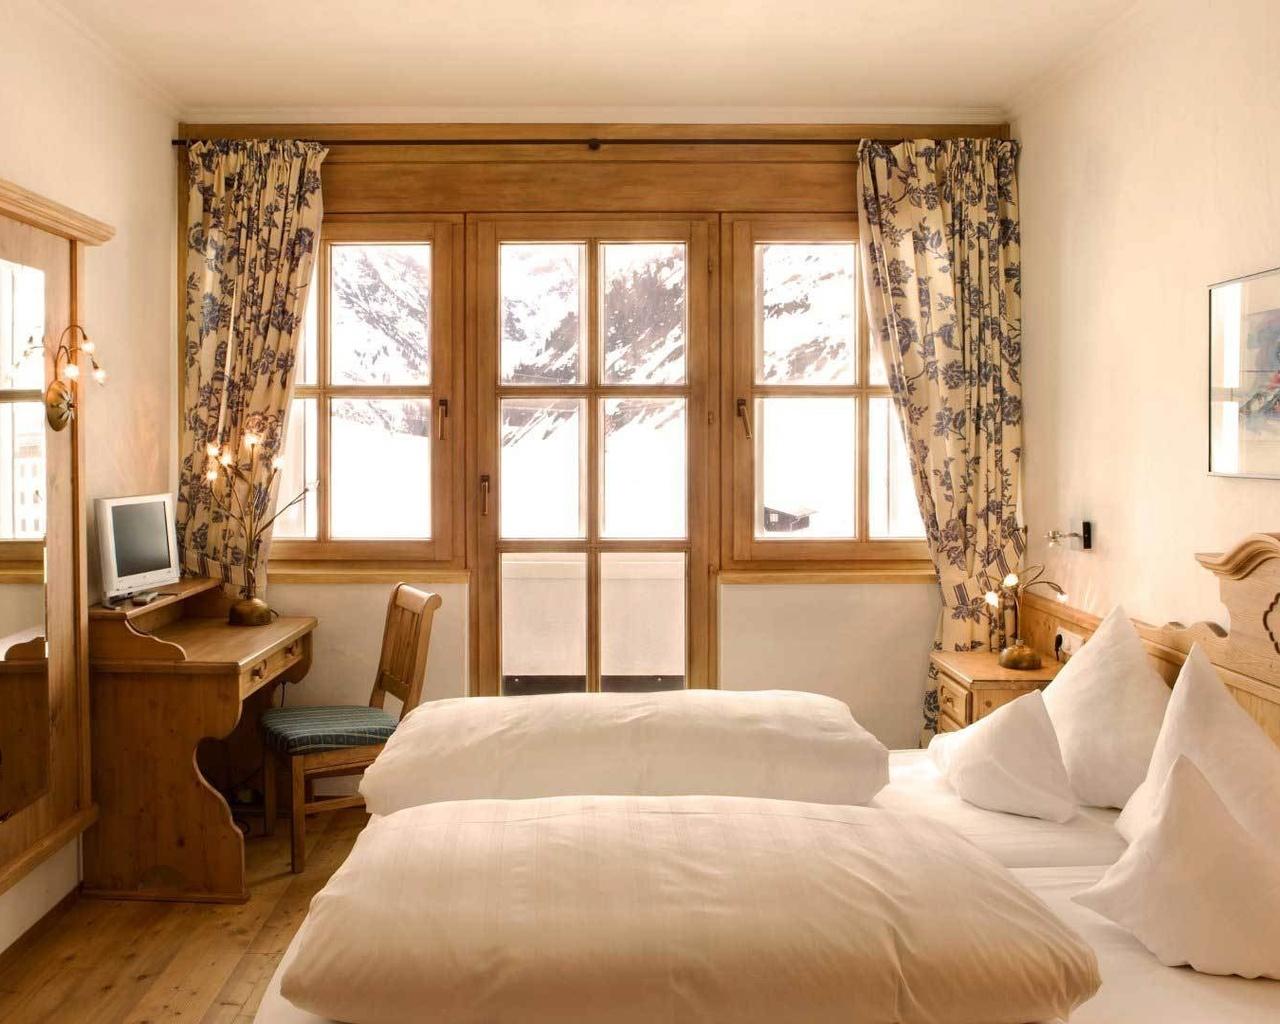 светлая спальня в деревянном доме